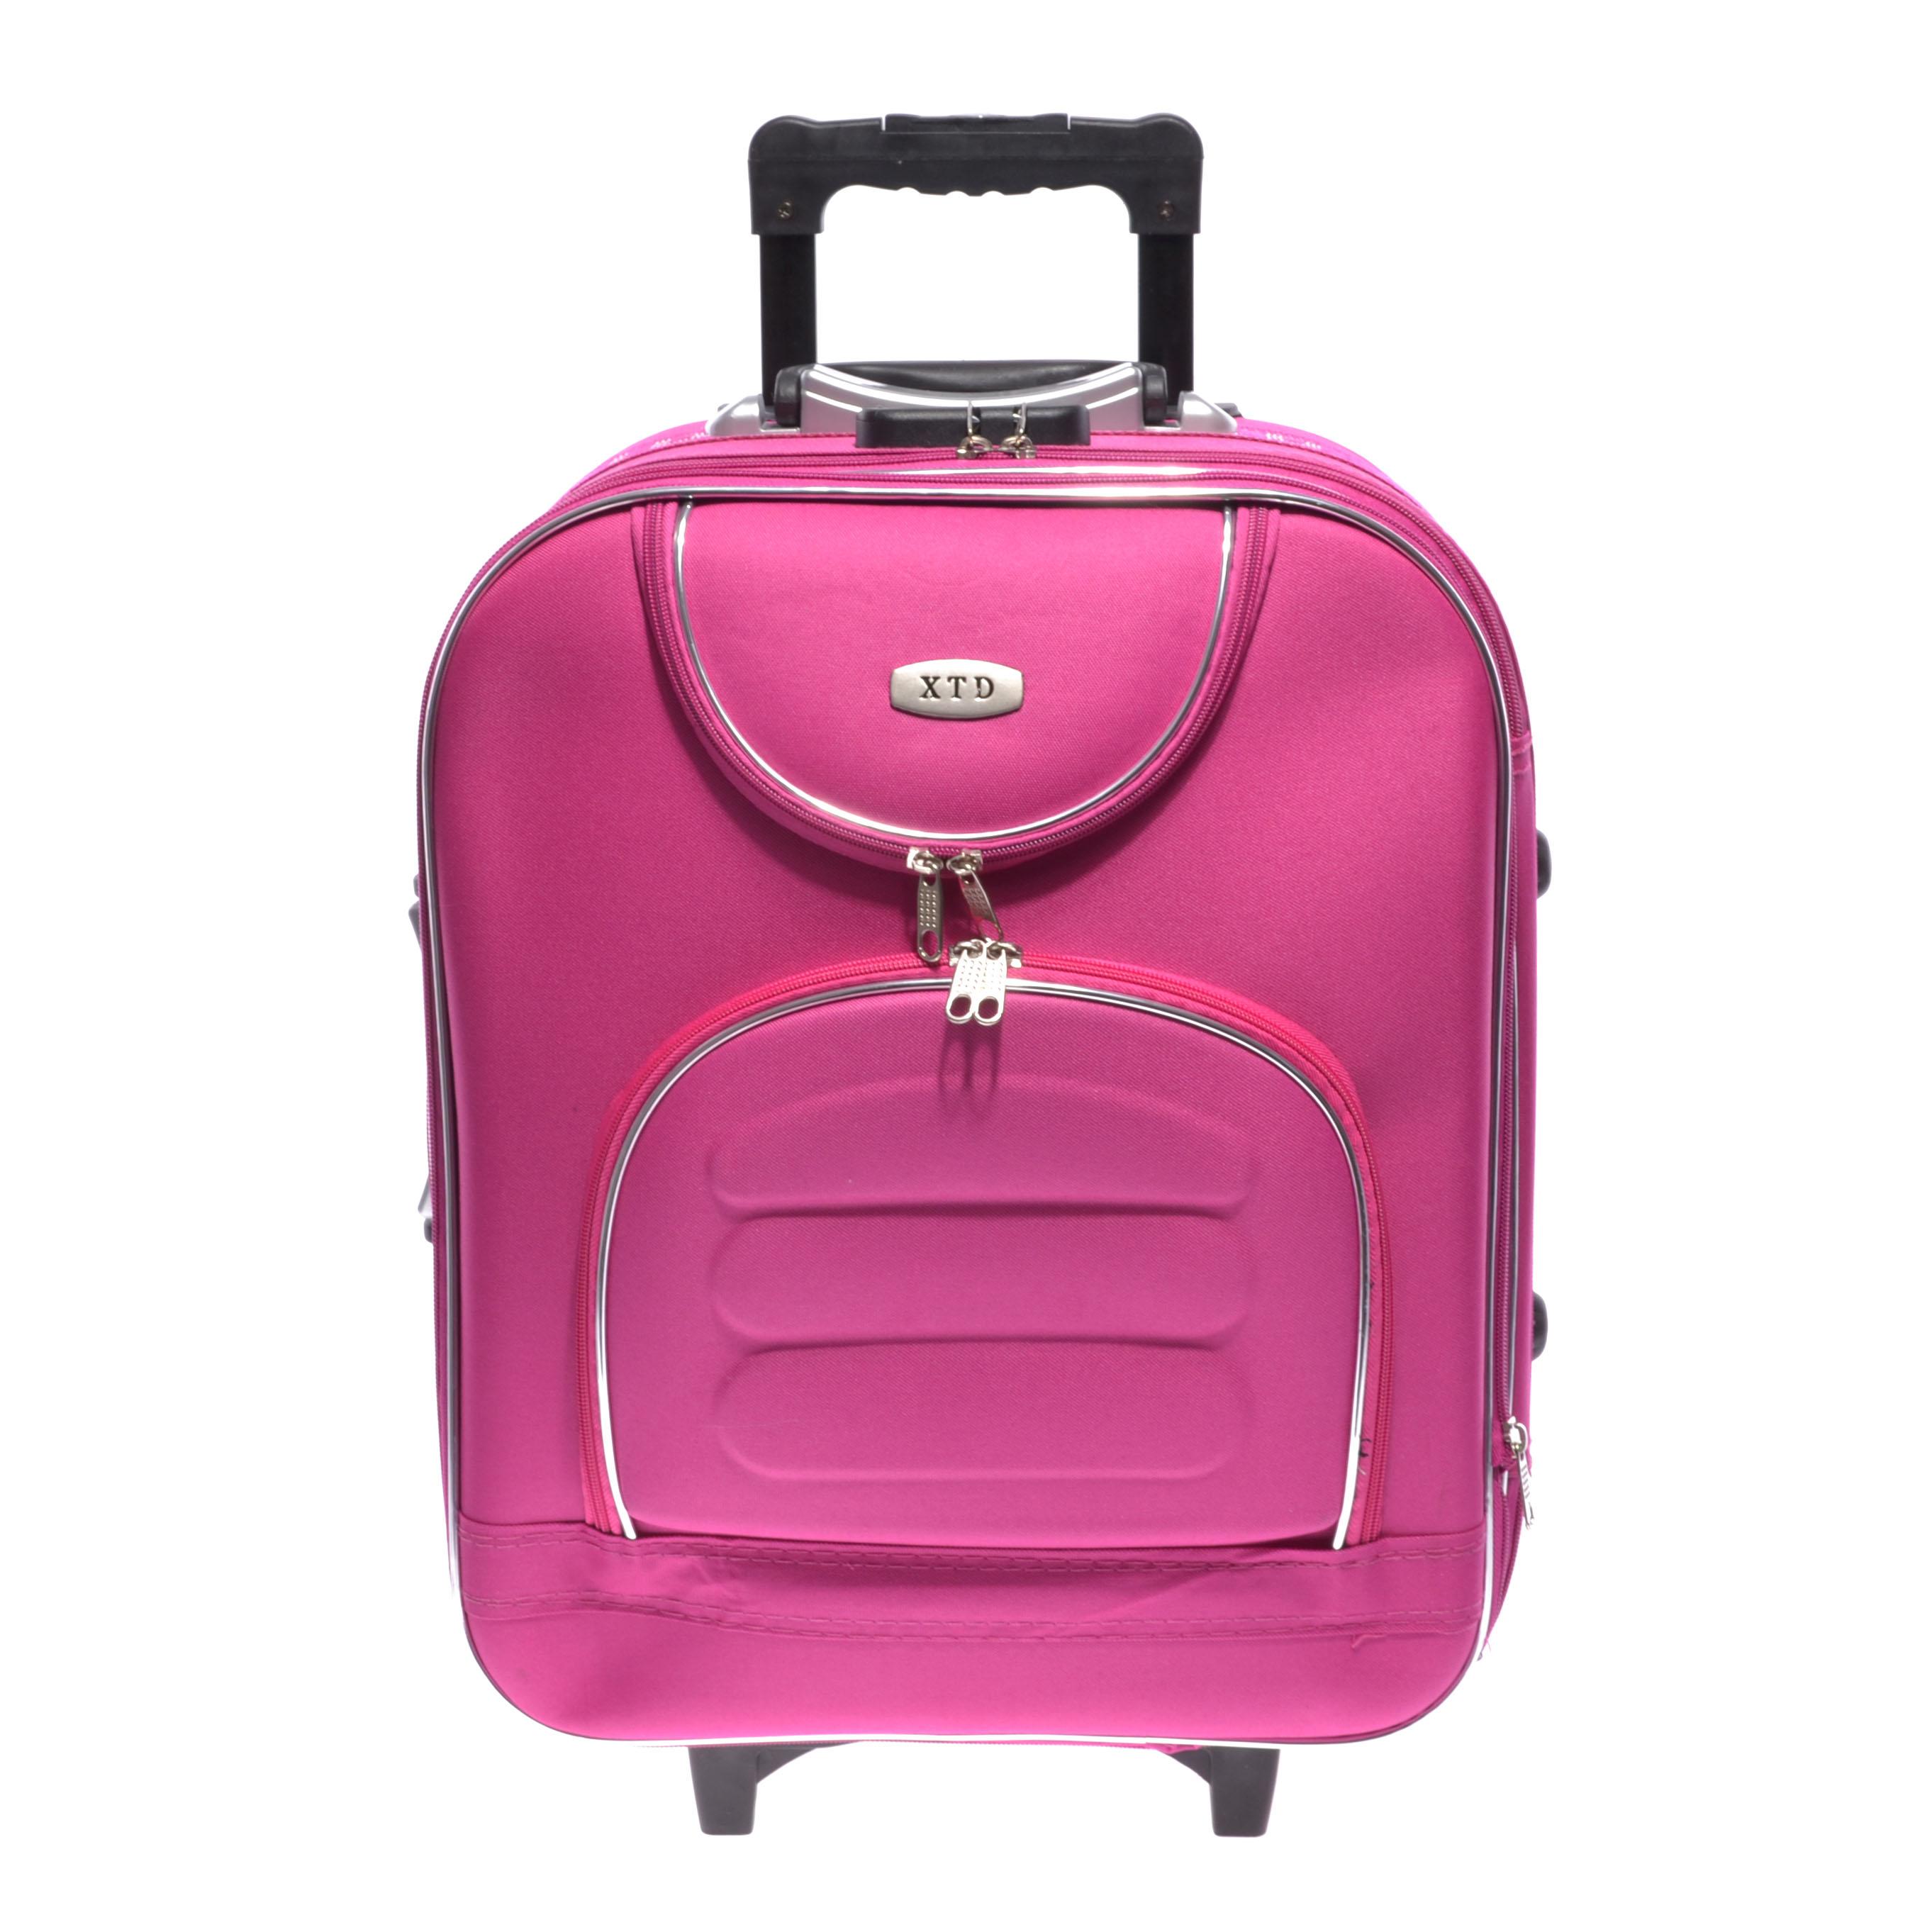 9f50dc11db34 Rózsaszín Kabin Méretű Bőrönd 55*40*20cm Bd701 - KABIN (kis) MÉRETŰ BŐRÖNDÖK  - Táska webáruház - Minőségi táskák mindenkinek